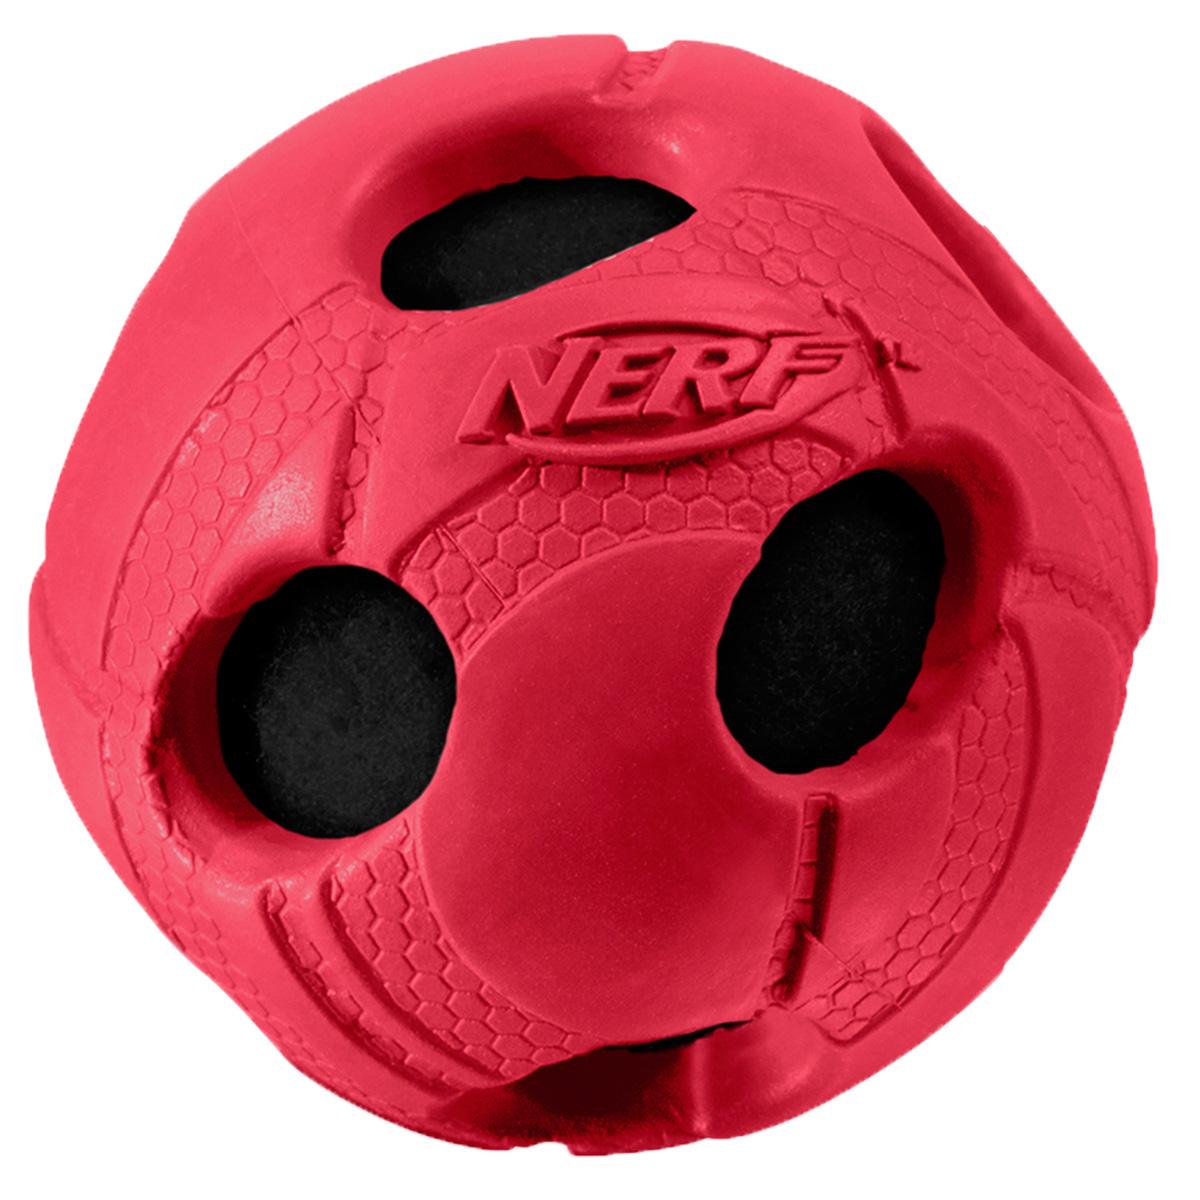 Игрушка для собак Nerf Мяч, с отверстиями, цвет: красный, 5 см как нарисовать nerf